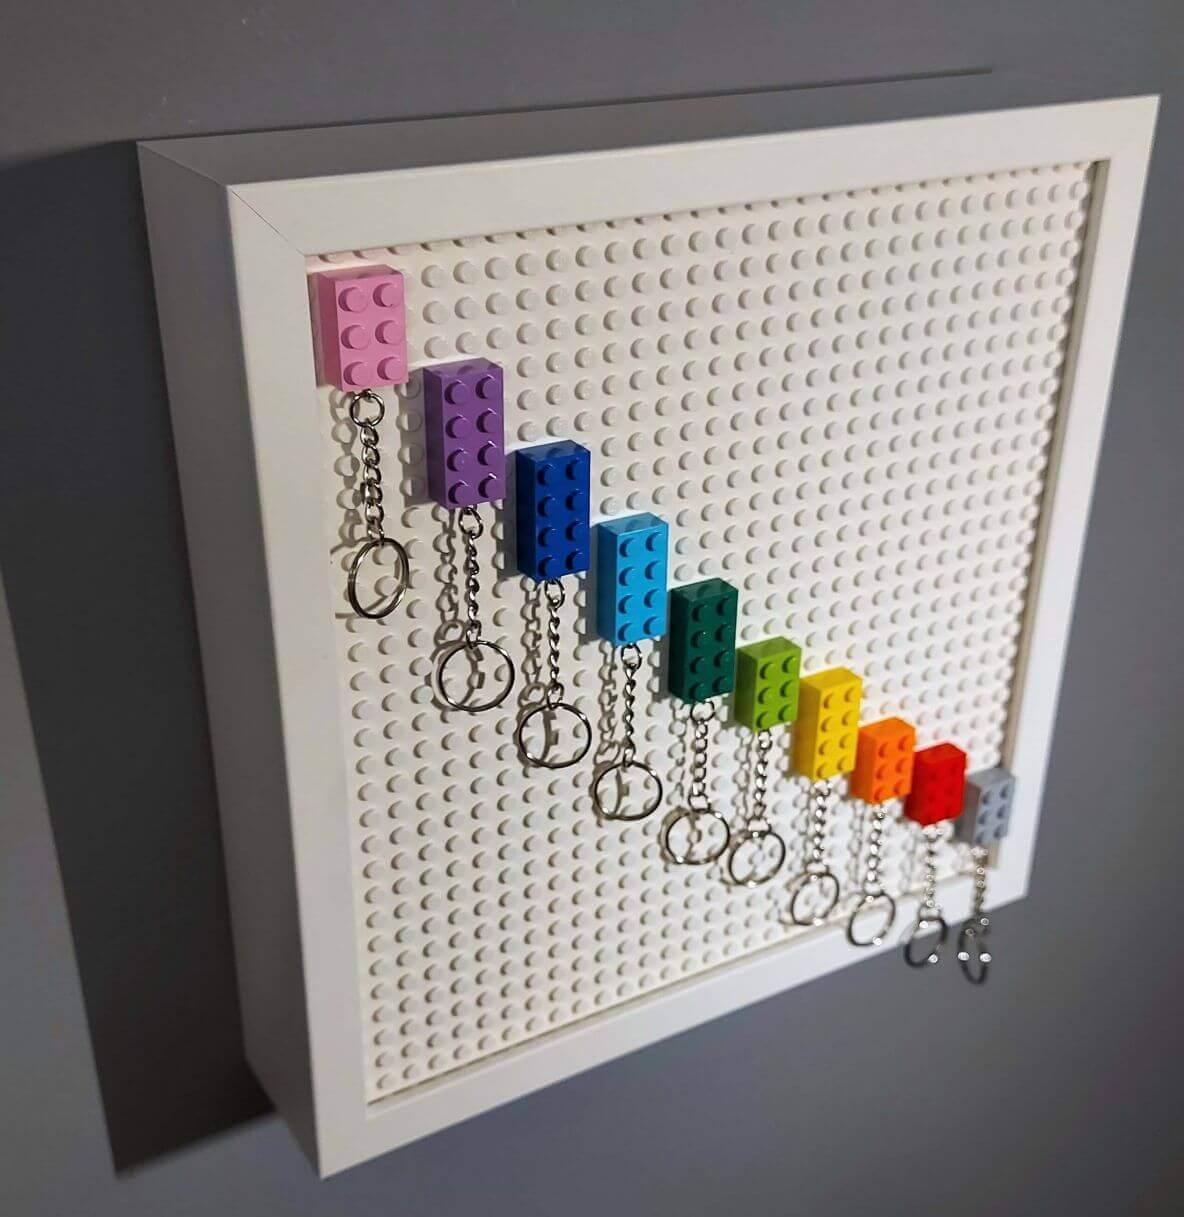 LEGO kulcstartó tartó szekrény